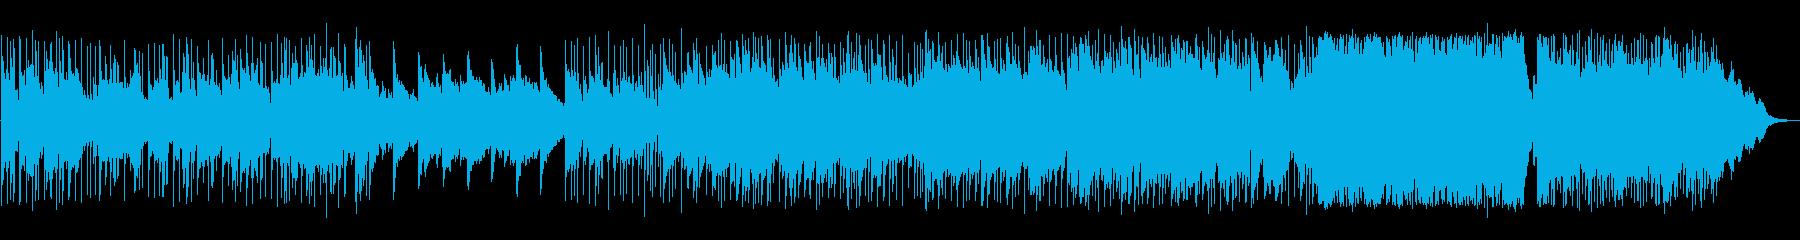 ラウンジ、メロディック。オープニン...の再生済みの波形